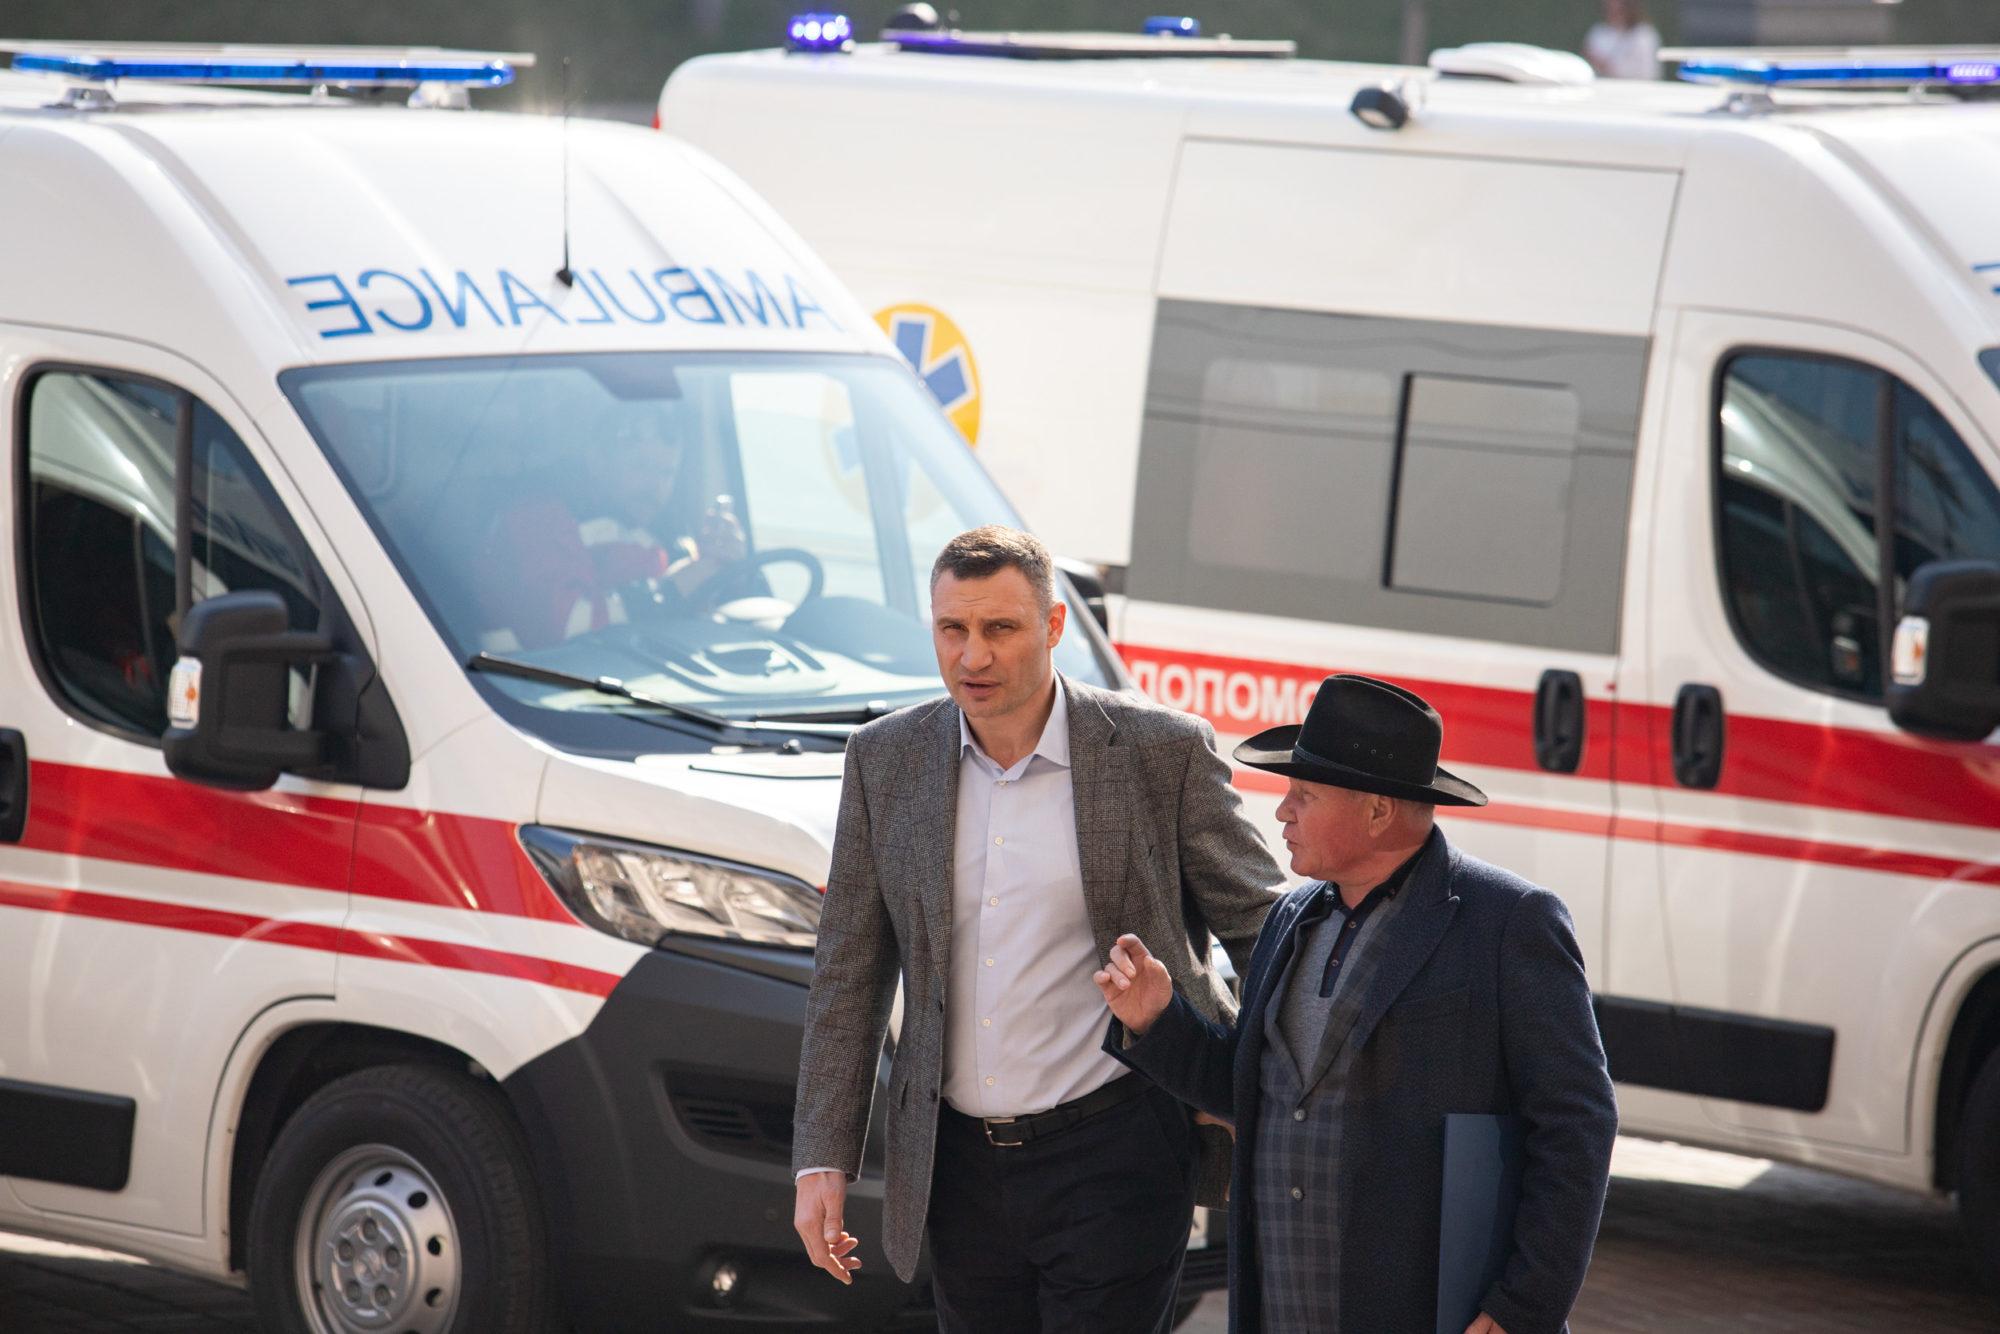 Медики столиці отримали від Віталія Кличка 39 нових «швидких» та 2 експрес-лабораторії для діагностування коронавірусу - коронавірус, Київ - imgbig 1 3 2000x1334